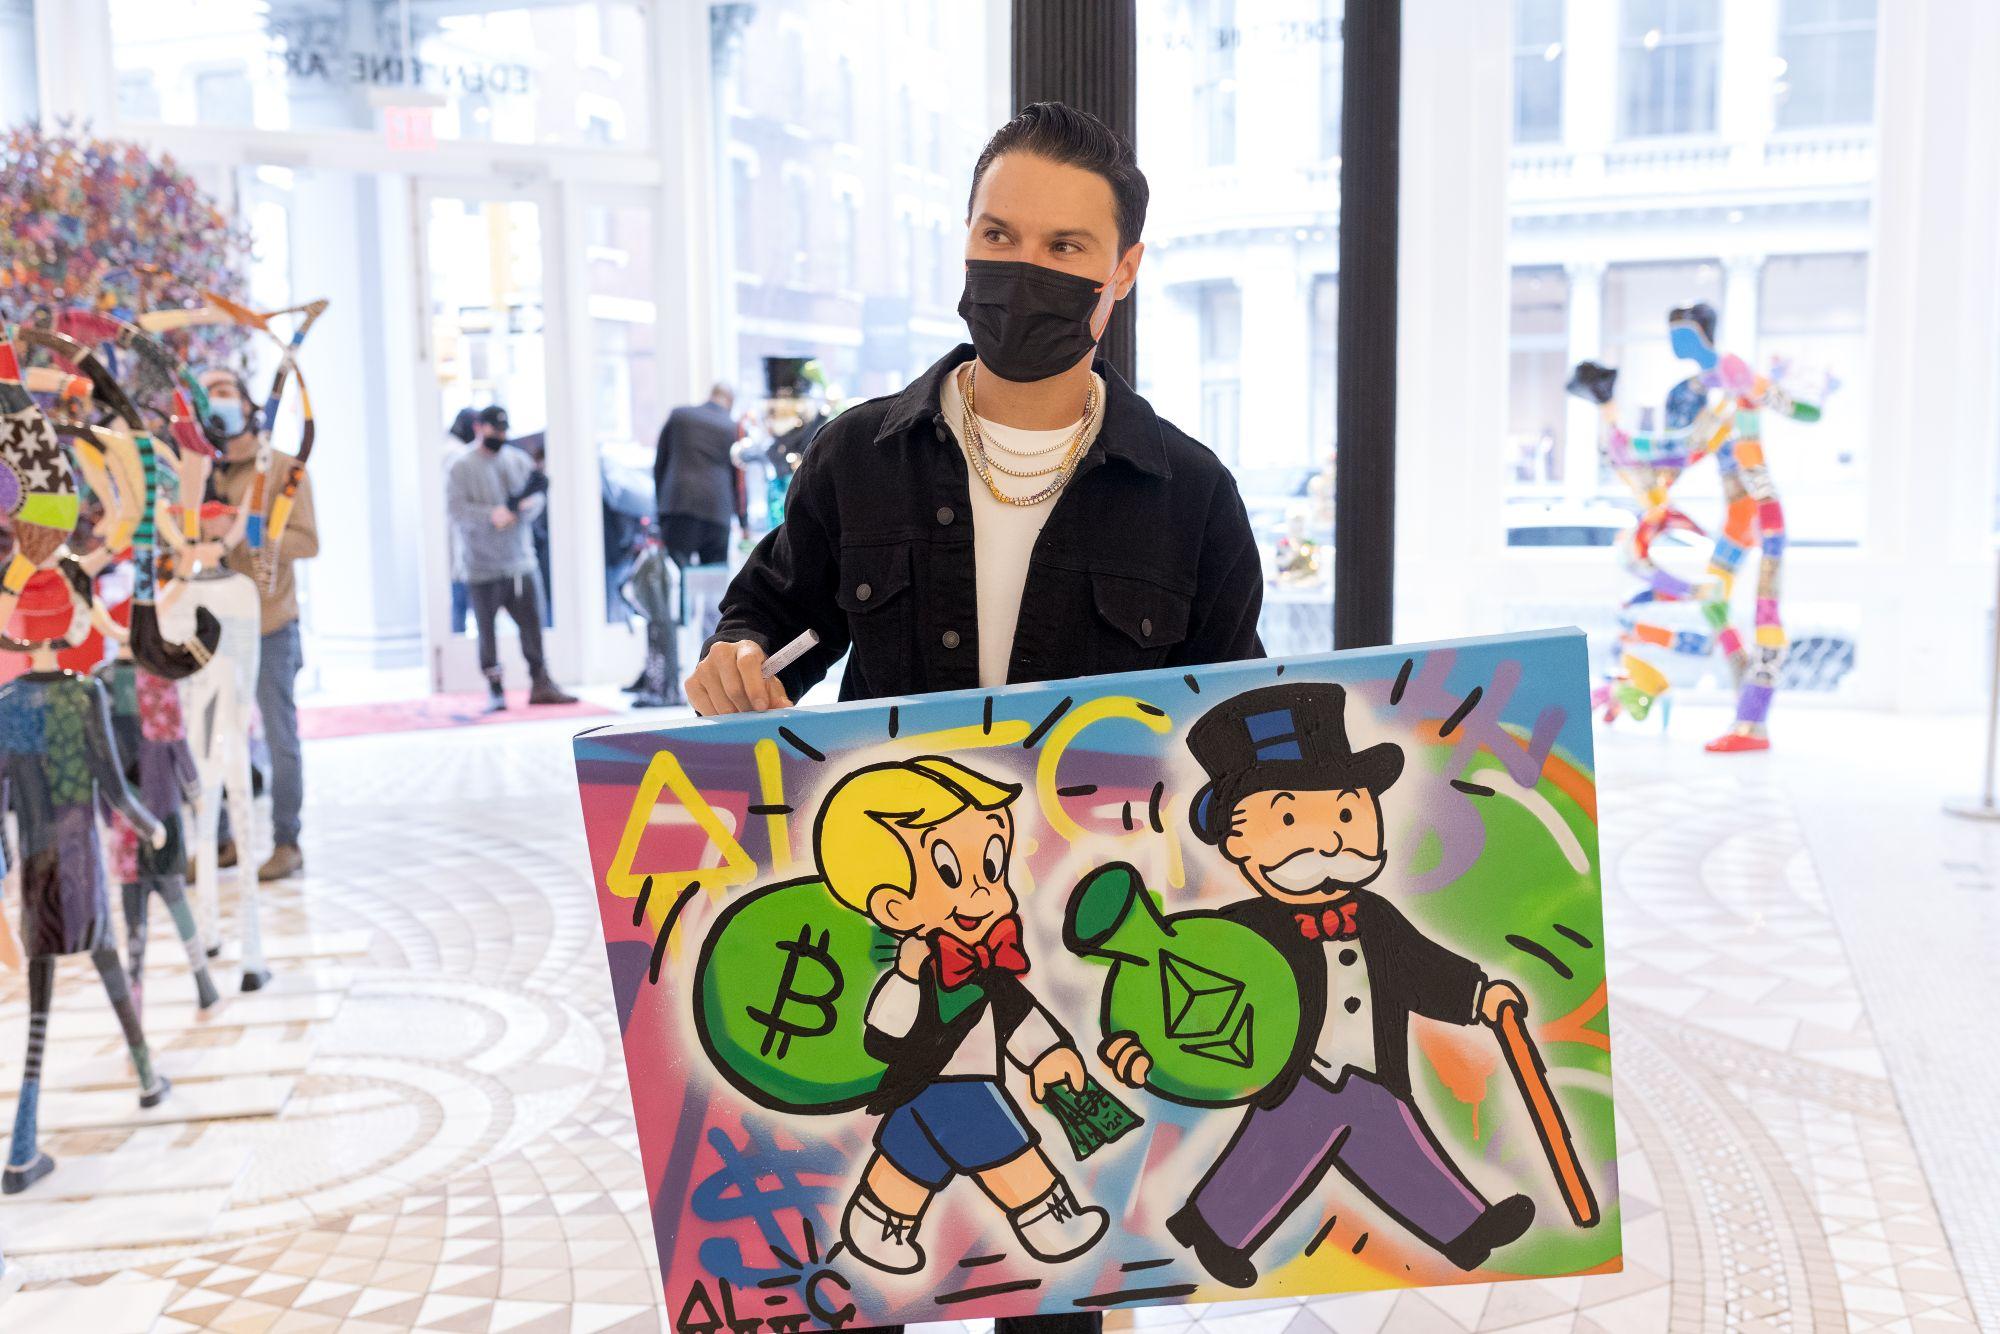 alec monopoly graffit art crypto